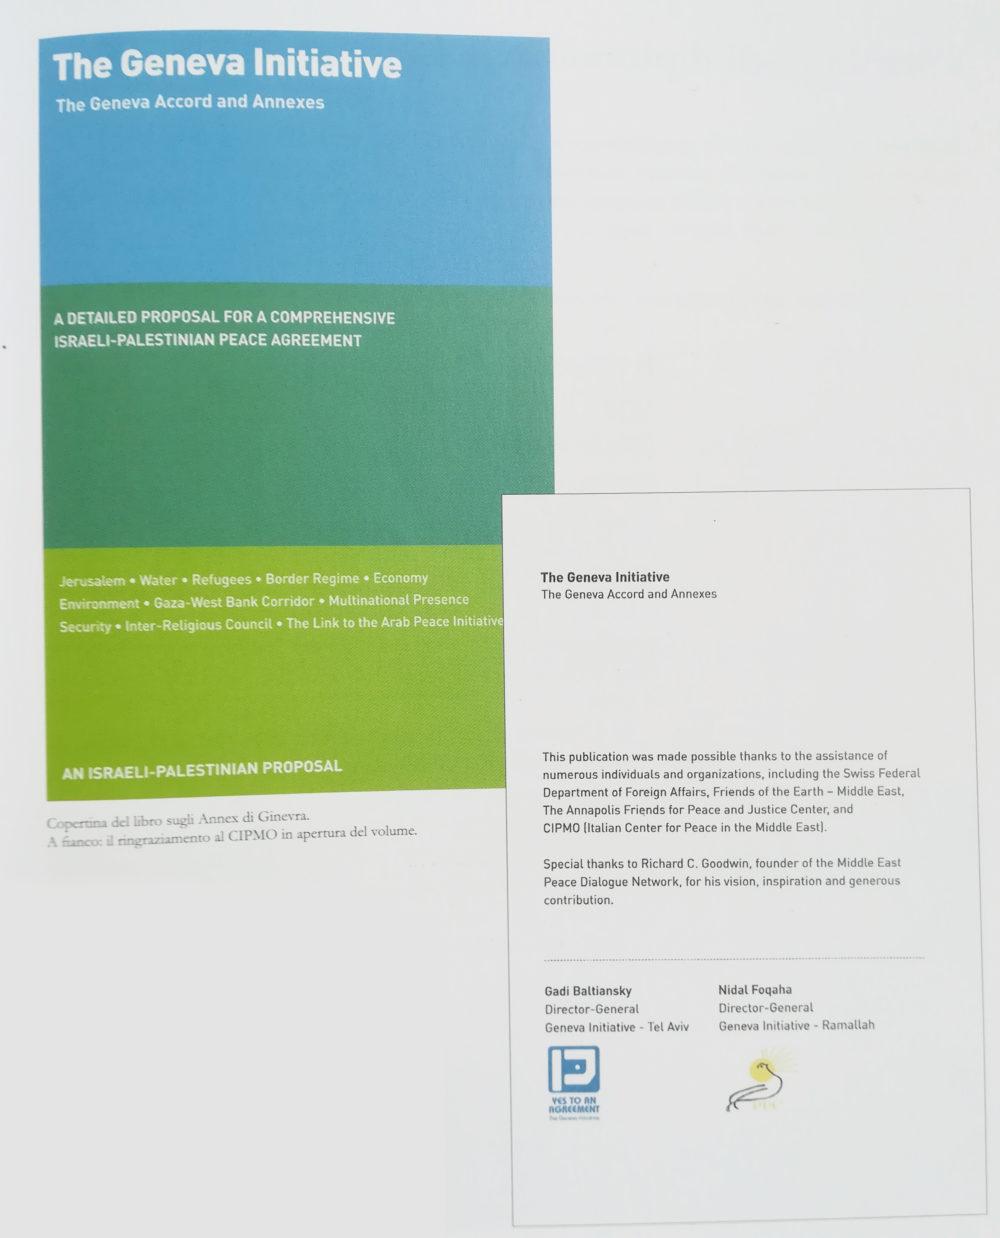 """Worshop di Torino """"Alla ricerca dell'Annex mancante"""", 4-7  dicembre, 2008. Nella foto:  Volume sugli Accordi di Ginevra completo degli Annex, ringraziamento al CIPMO in apertura del volume."""